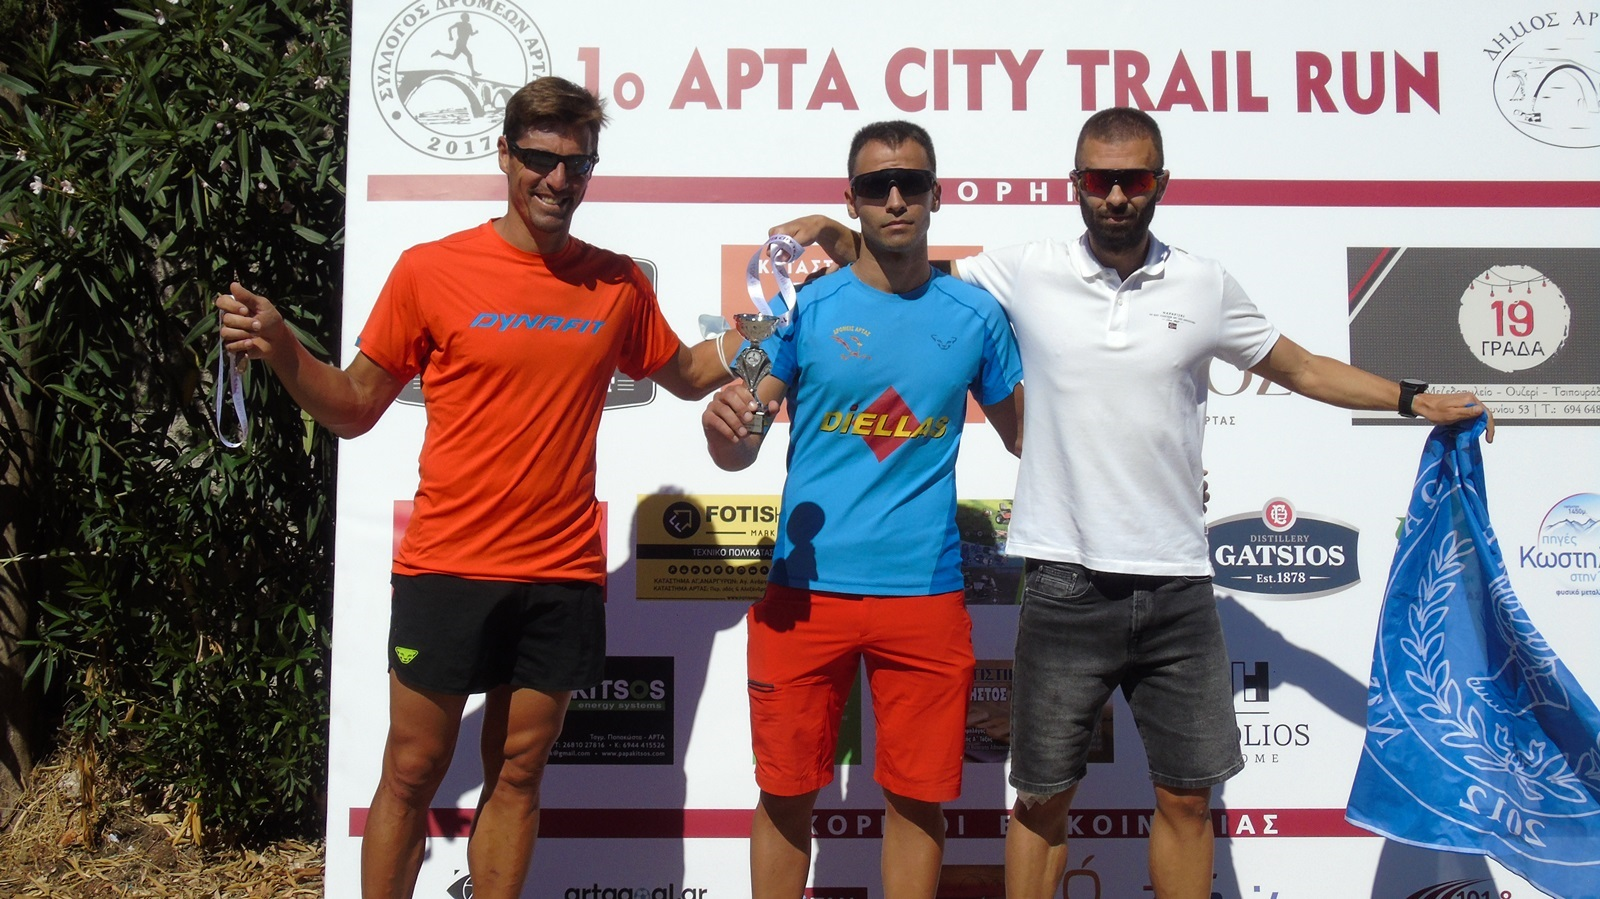 51 Arta City Trail